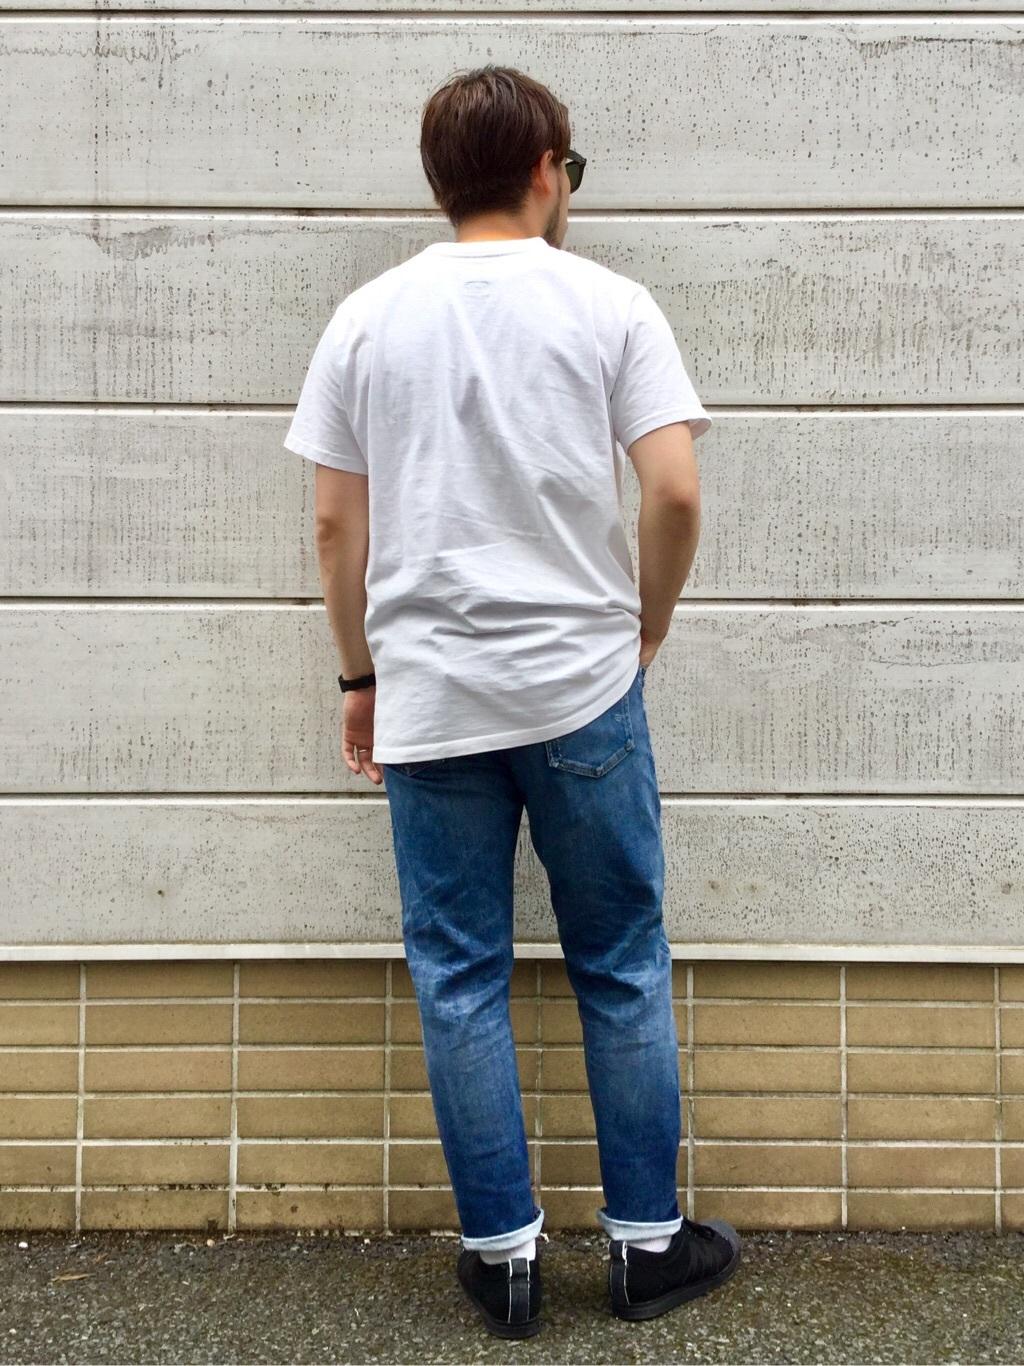 TOKYO HARAJUKU店のSHIZUKUさんのEDWINのジャージーズ ルーズテーパード【プレミアムモデル】を使ったコーディネート